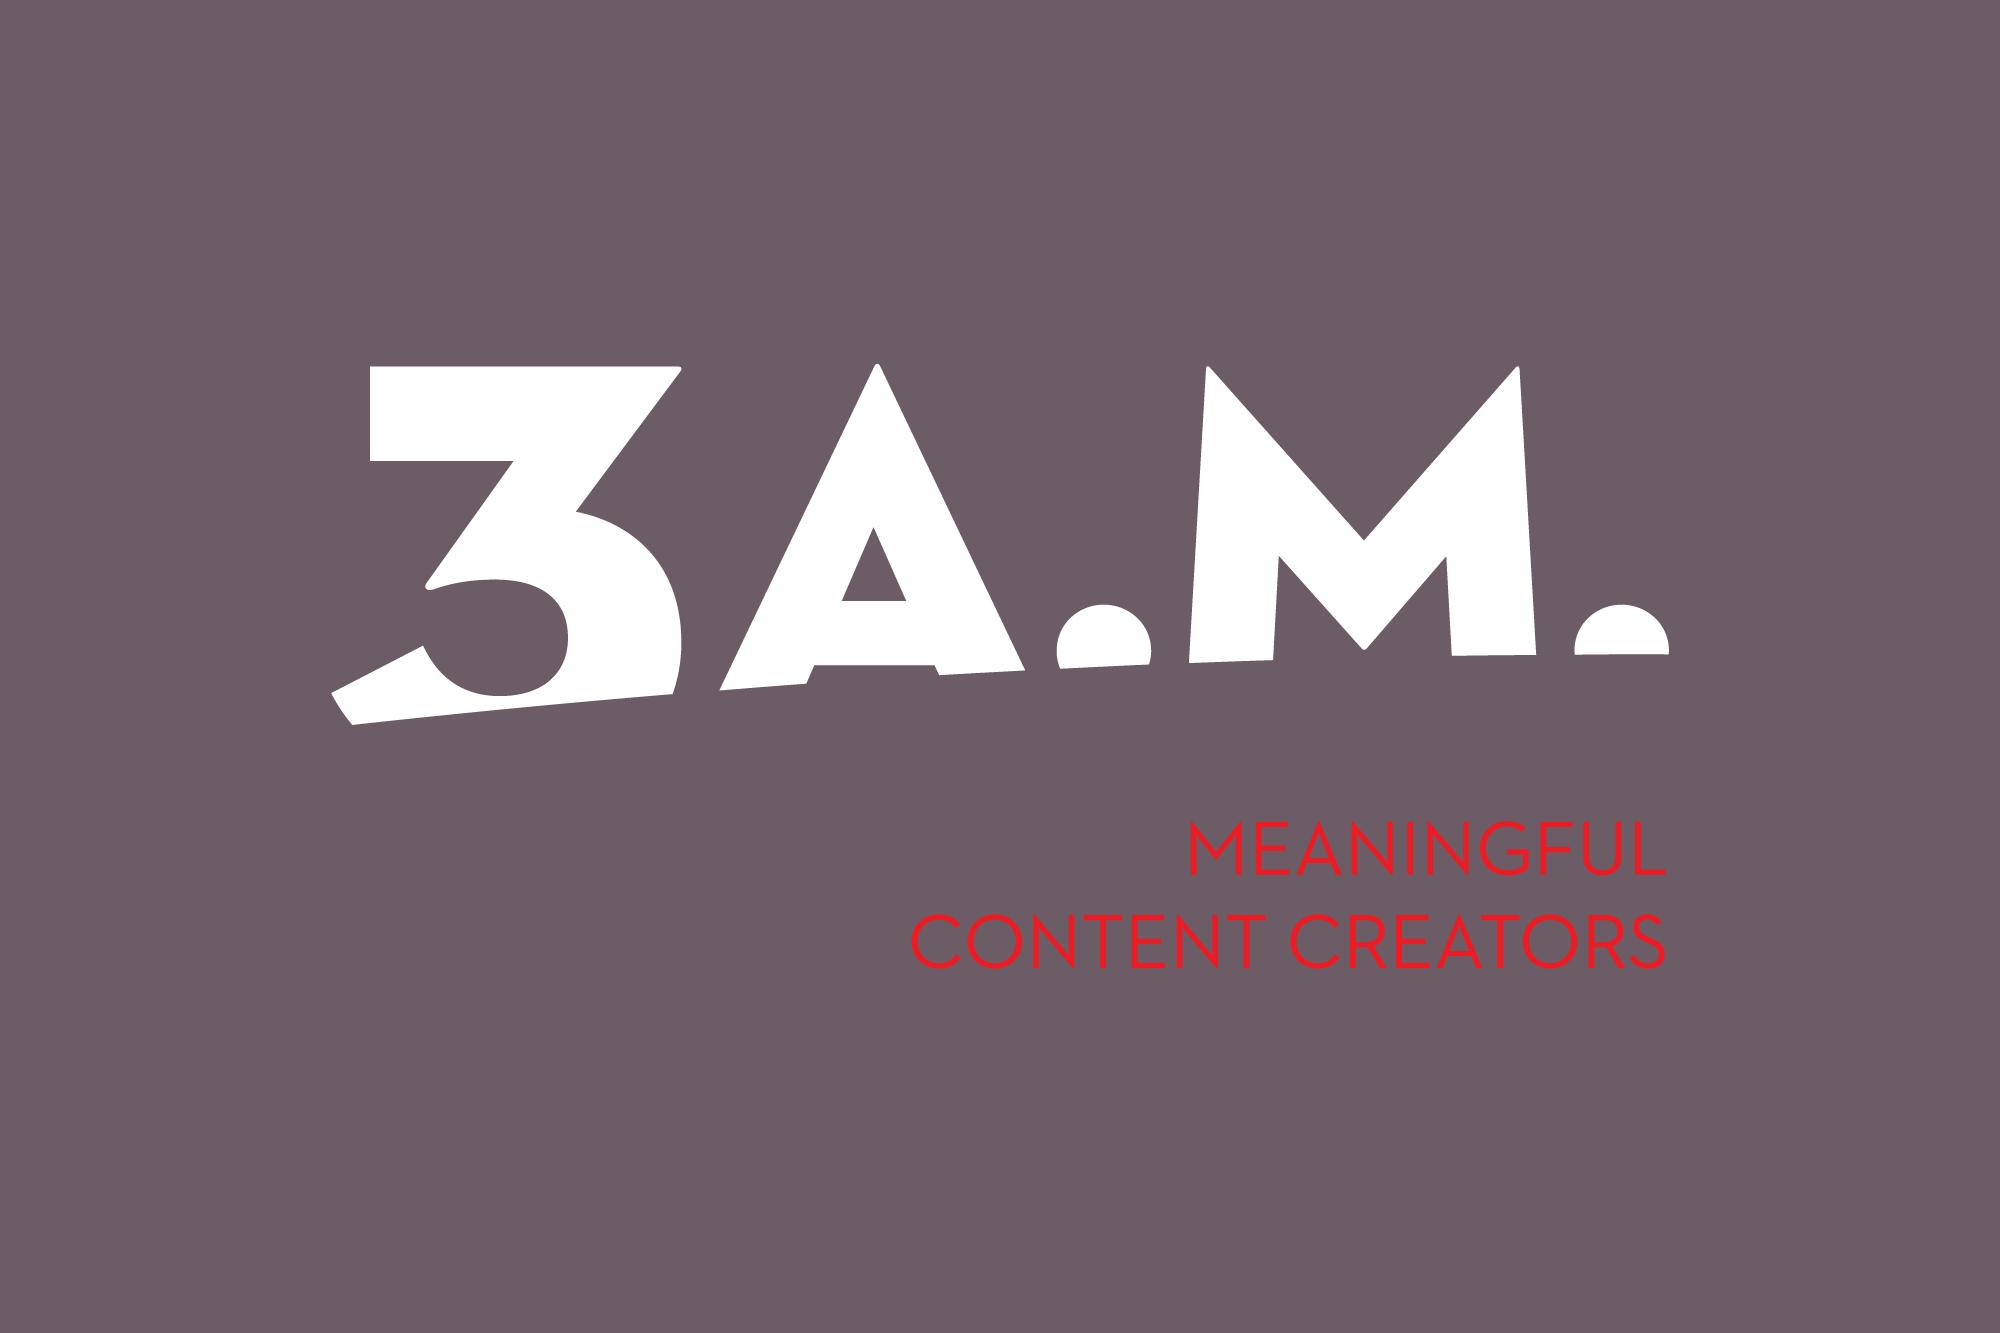 3inabox_Logos_3am_01